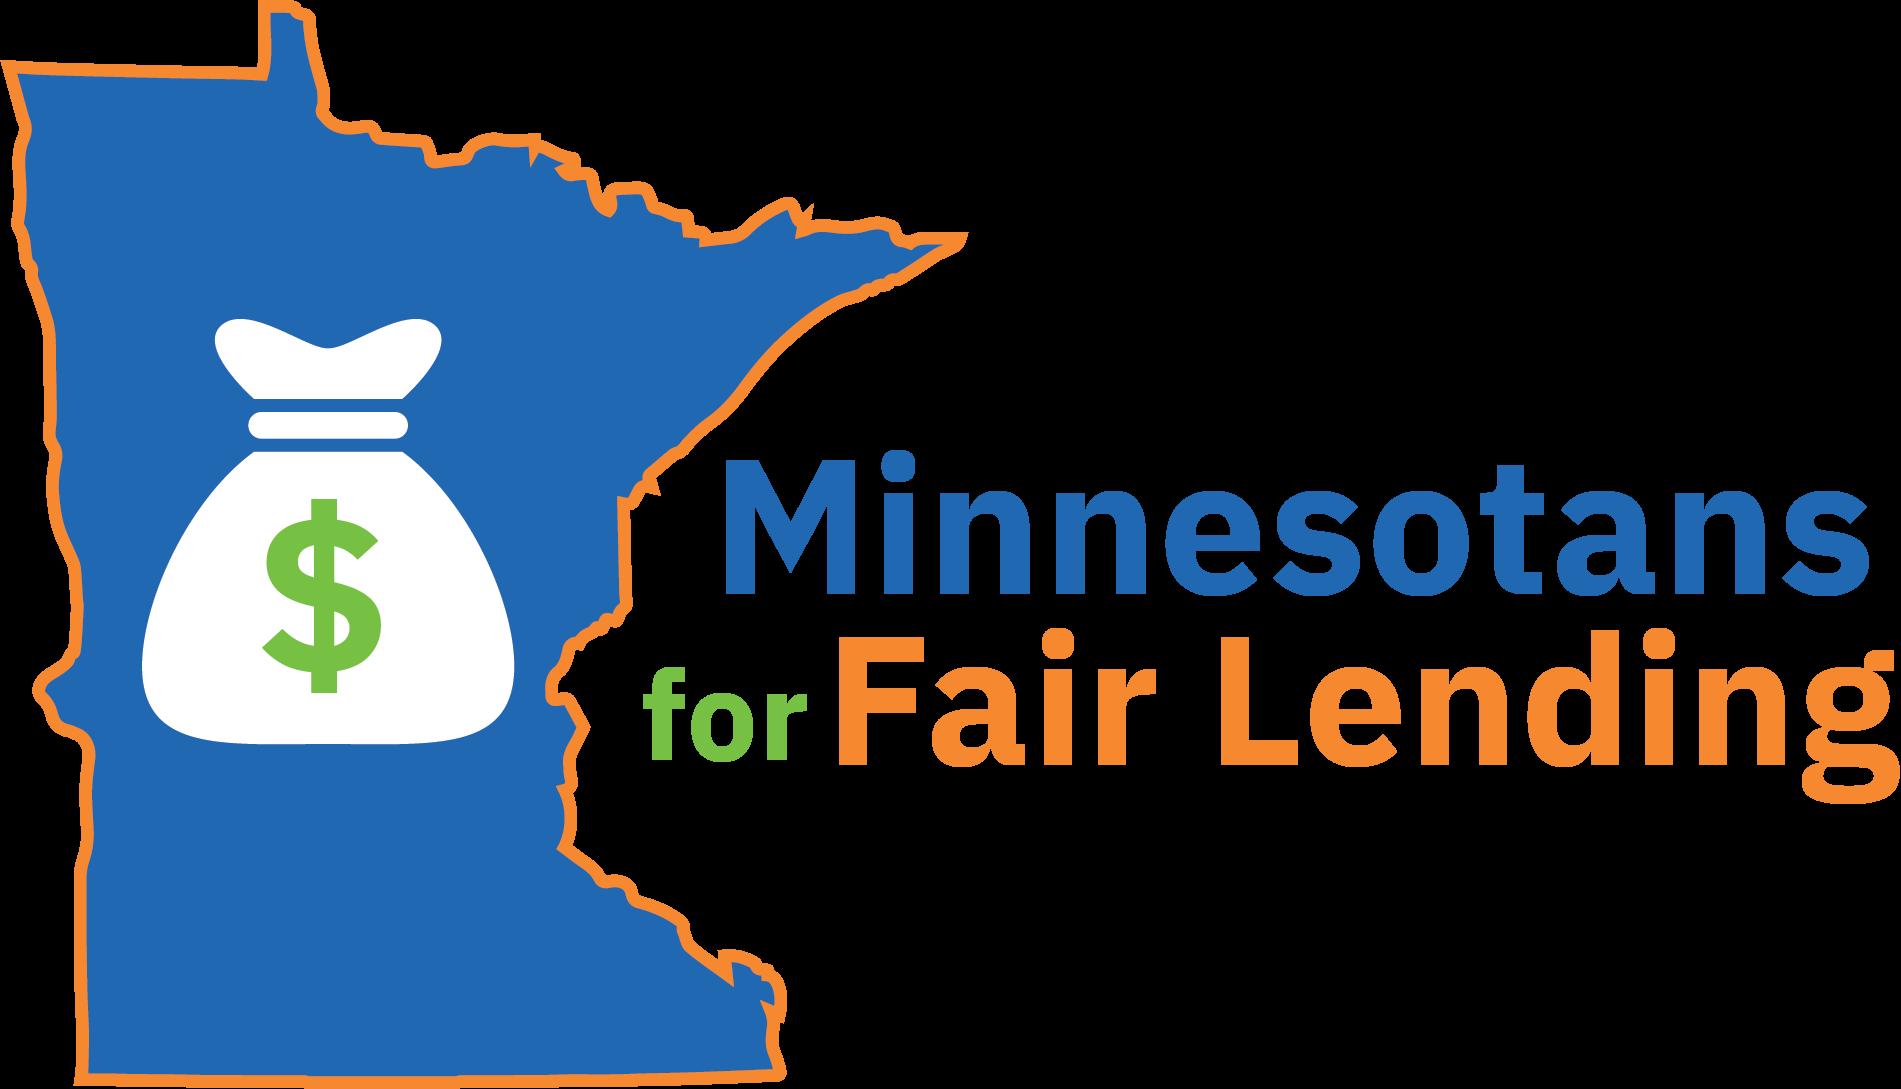 Minnesotans for Fair Lending